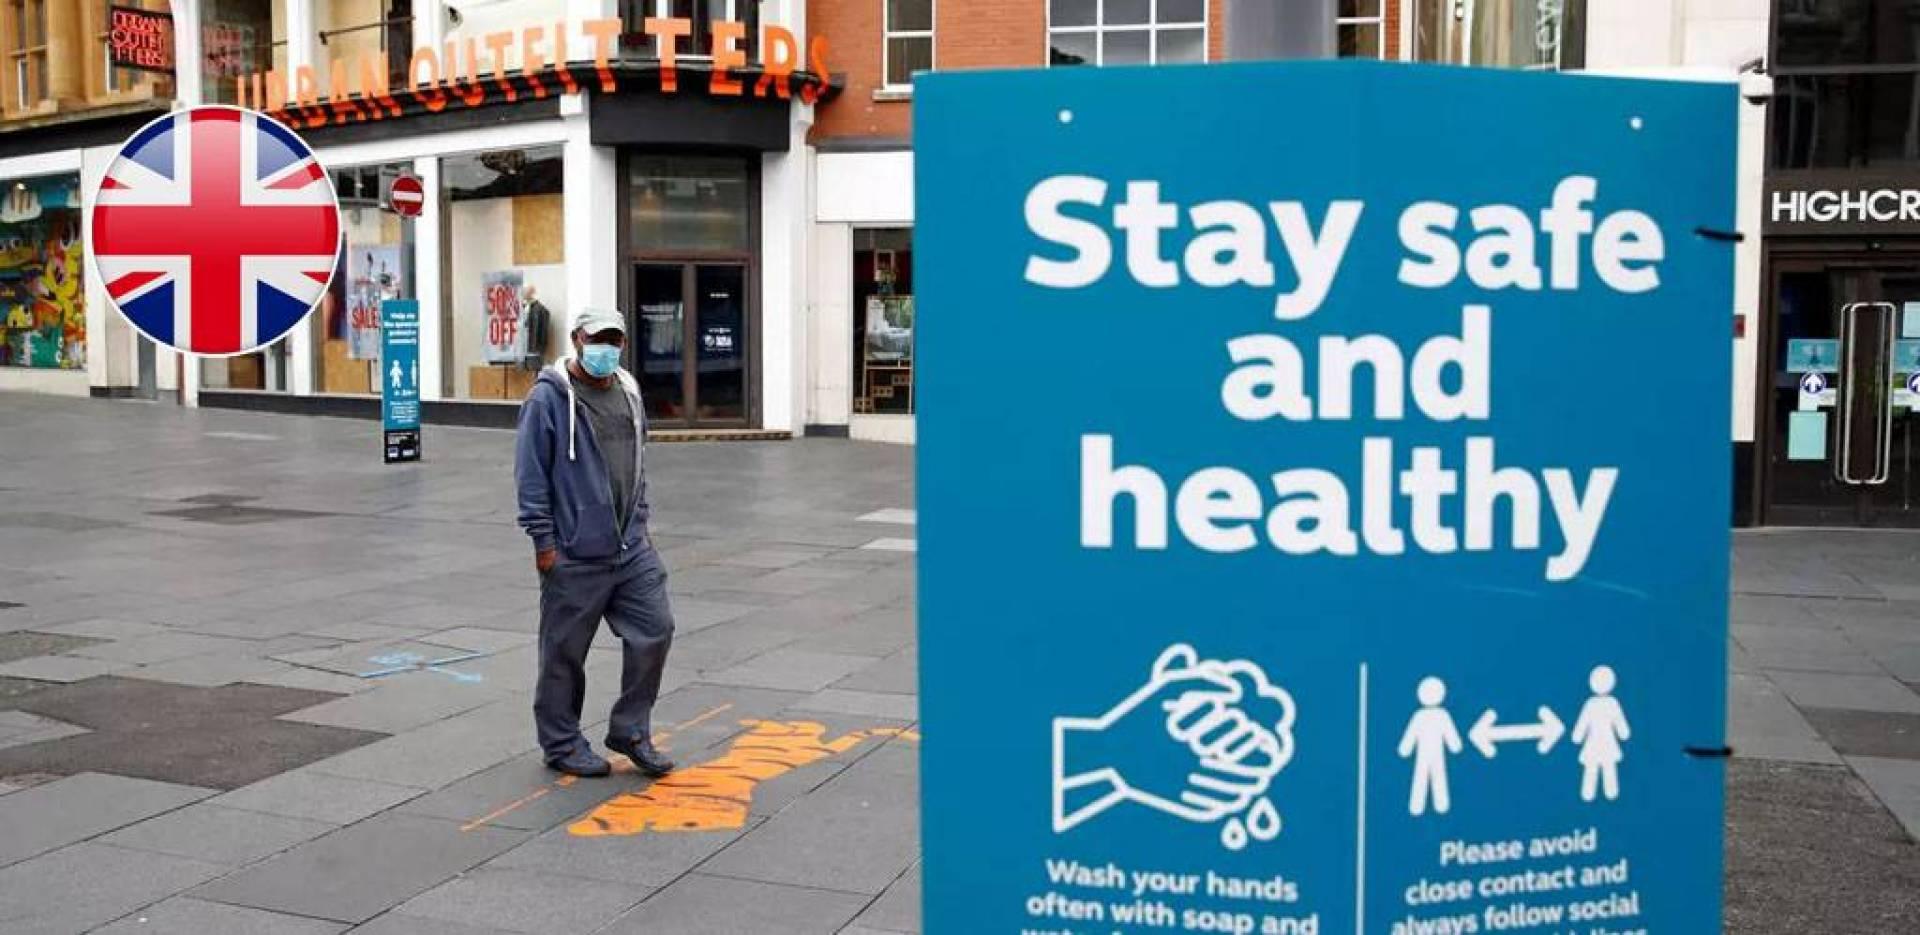 «تلغراف»: بريطانيا تمدد سلطات المجالس المحلية لفرض عزل عام حتى 17 يوليو